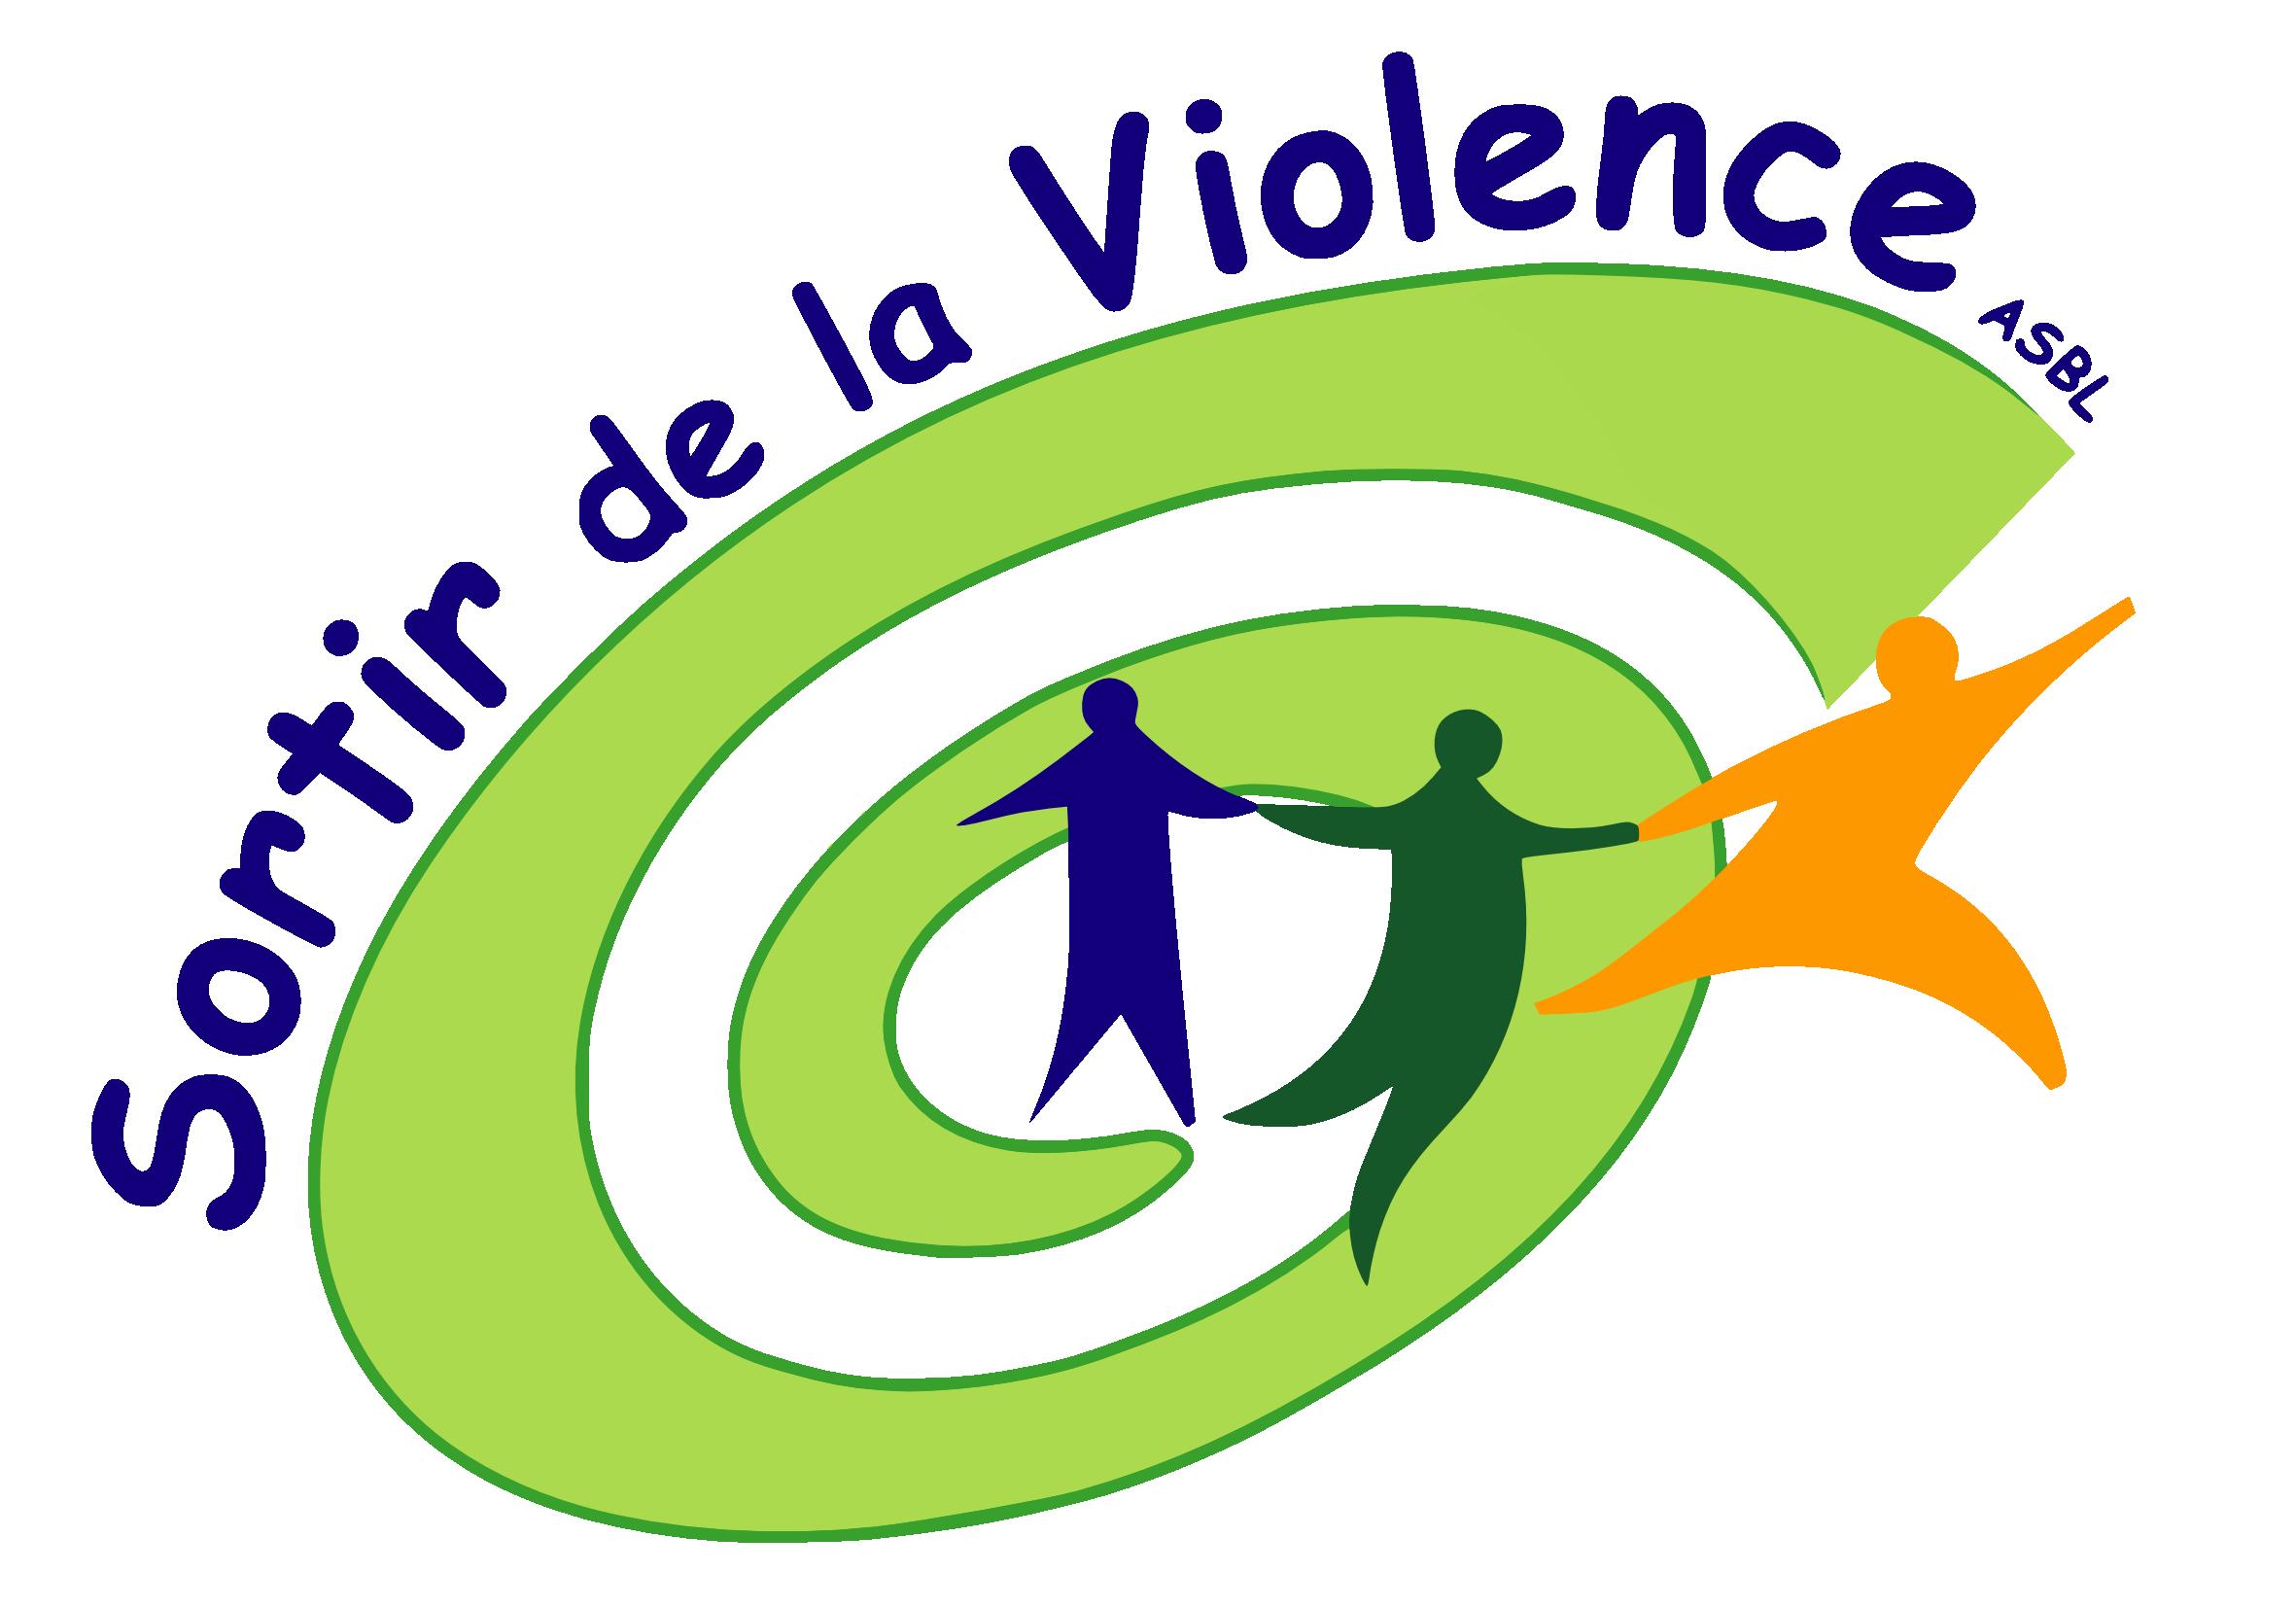 Formations communication non-violente, gestion conflits, relation non-violence, éducation à la paix en Belgique.